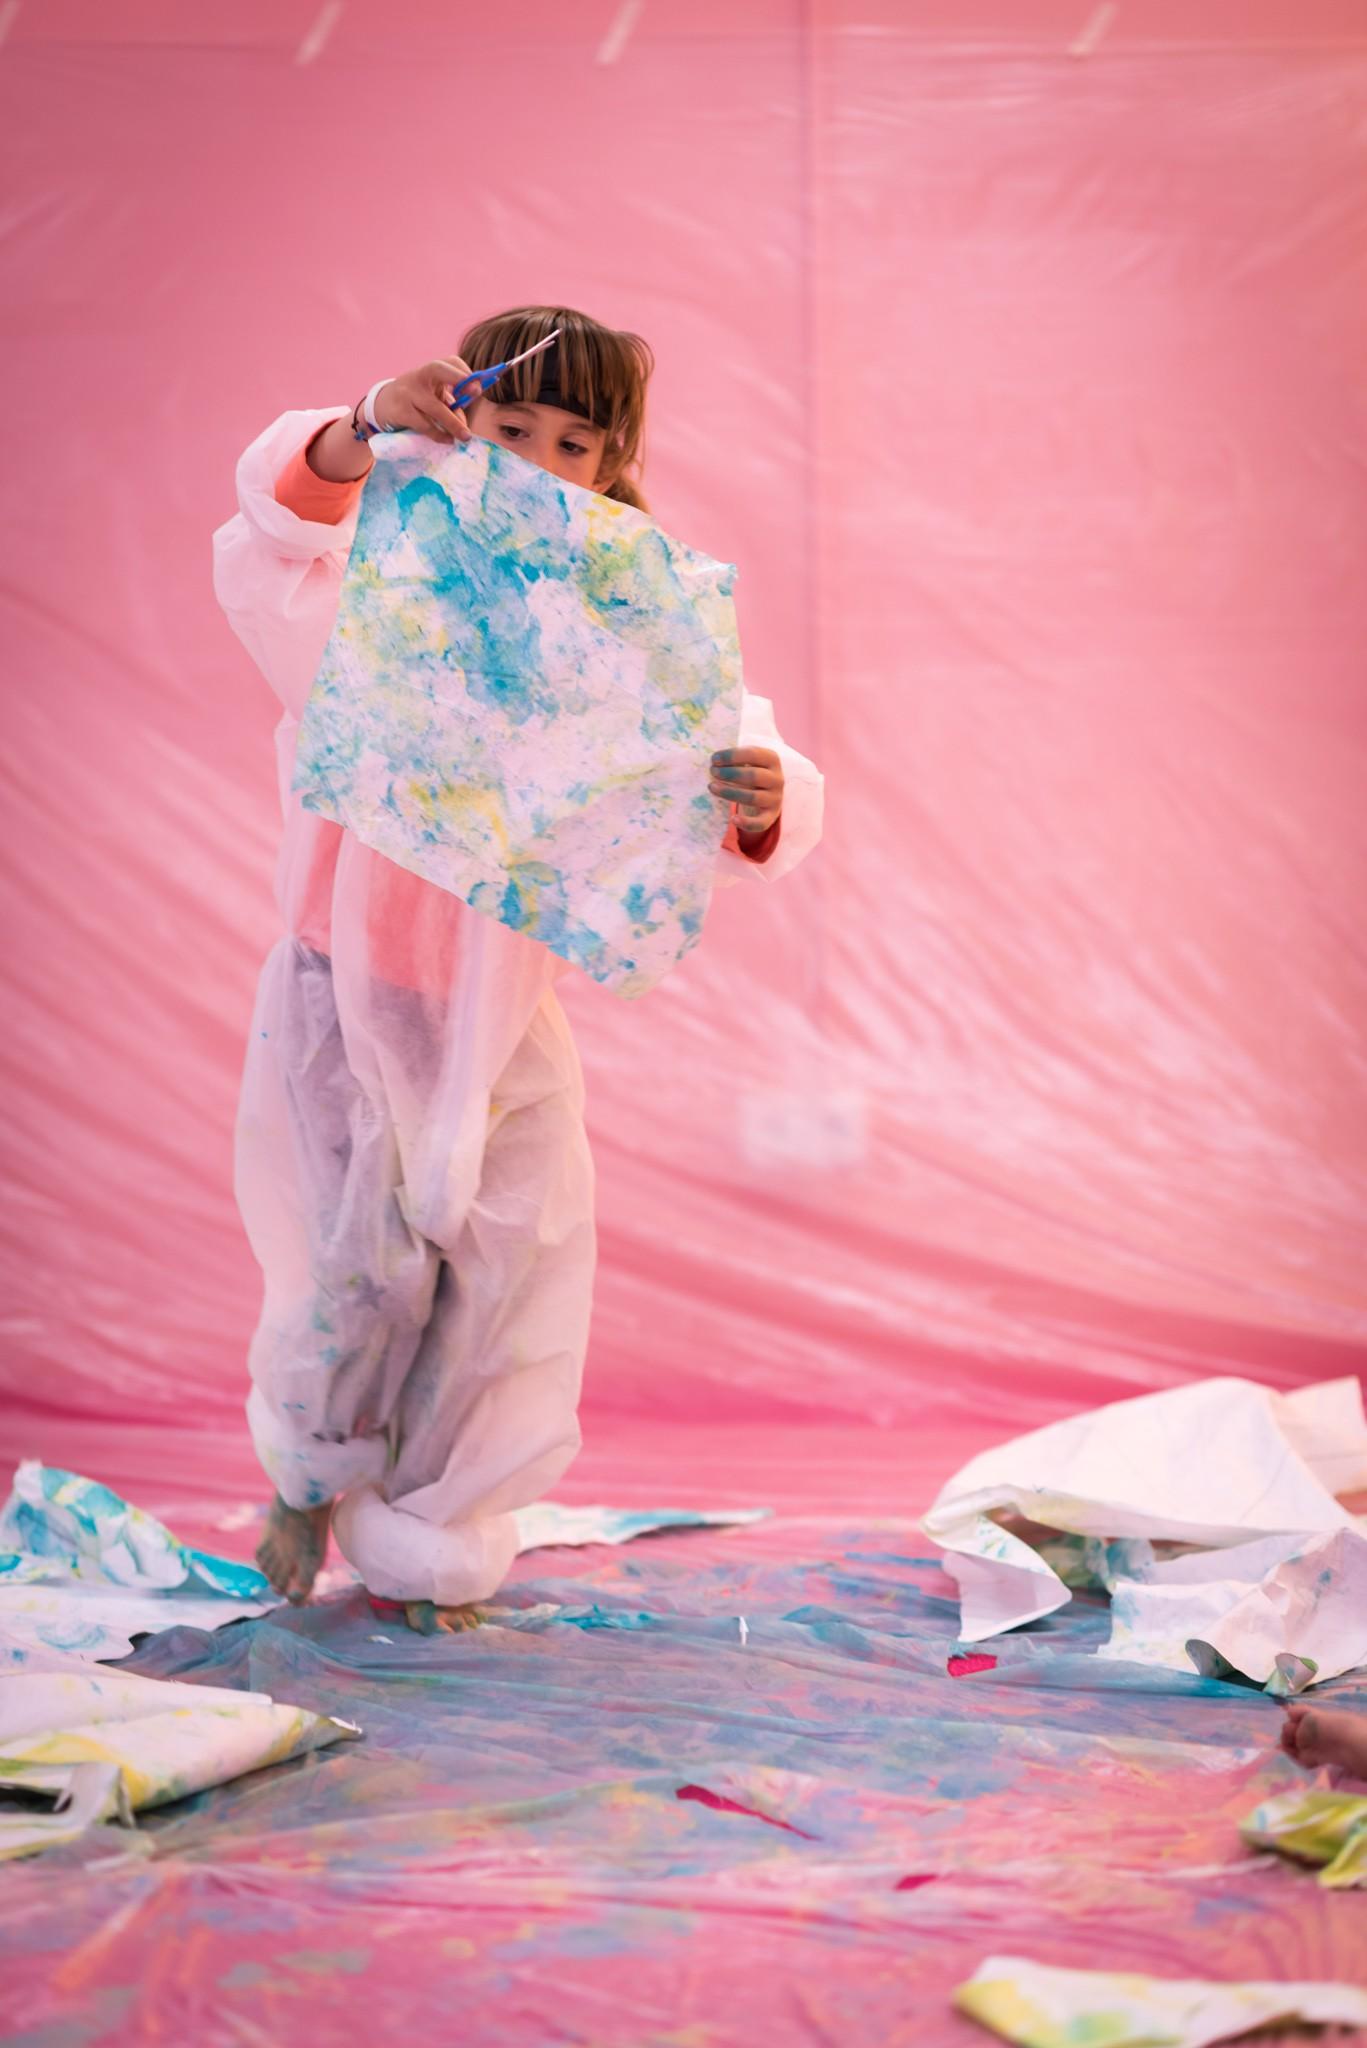 Vista frontal de una niña, con un mono desechable, sosteniendo un pequeño lienzo pintado con acuarela.